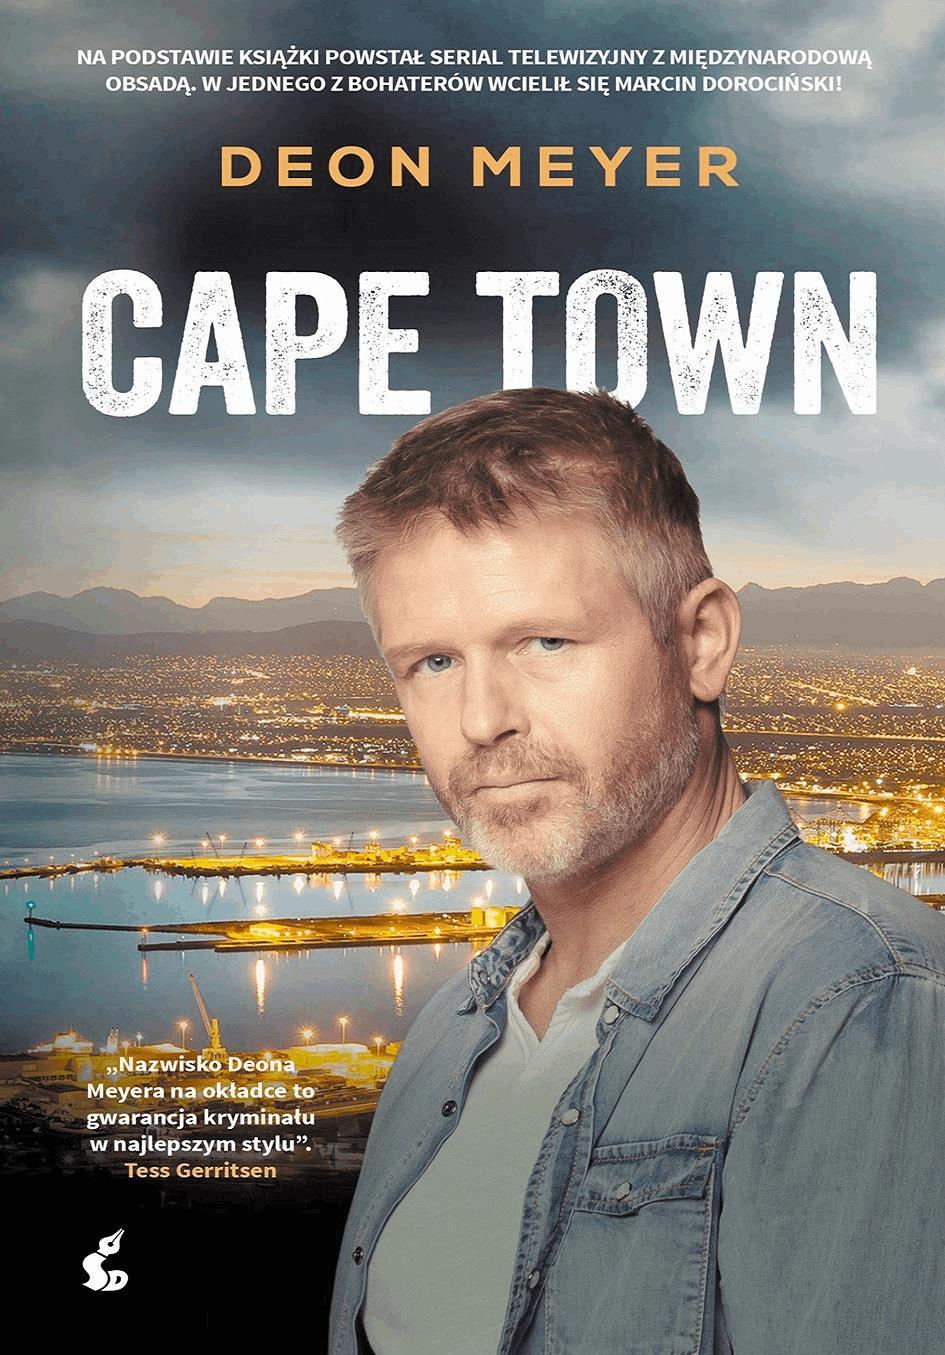 Cape Town - Tylko w Legimi możesz przeczytać ten tytuł przez 7 dni za darmo. - Deon Meyer